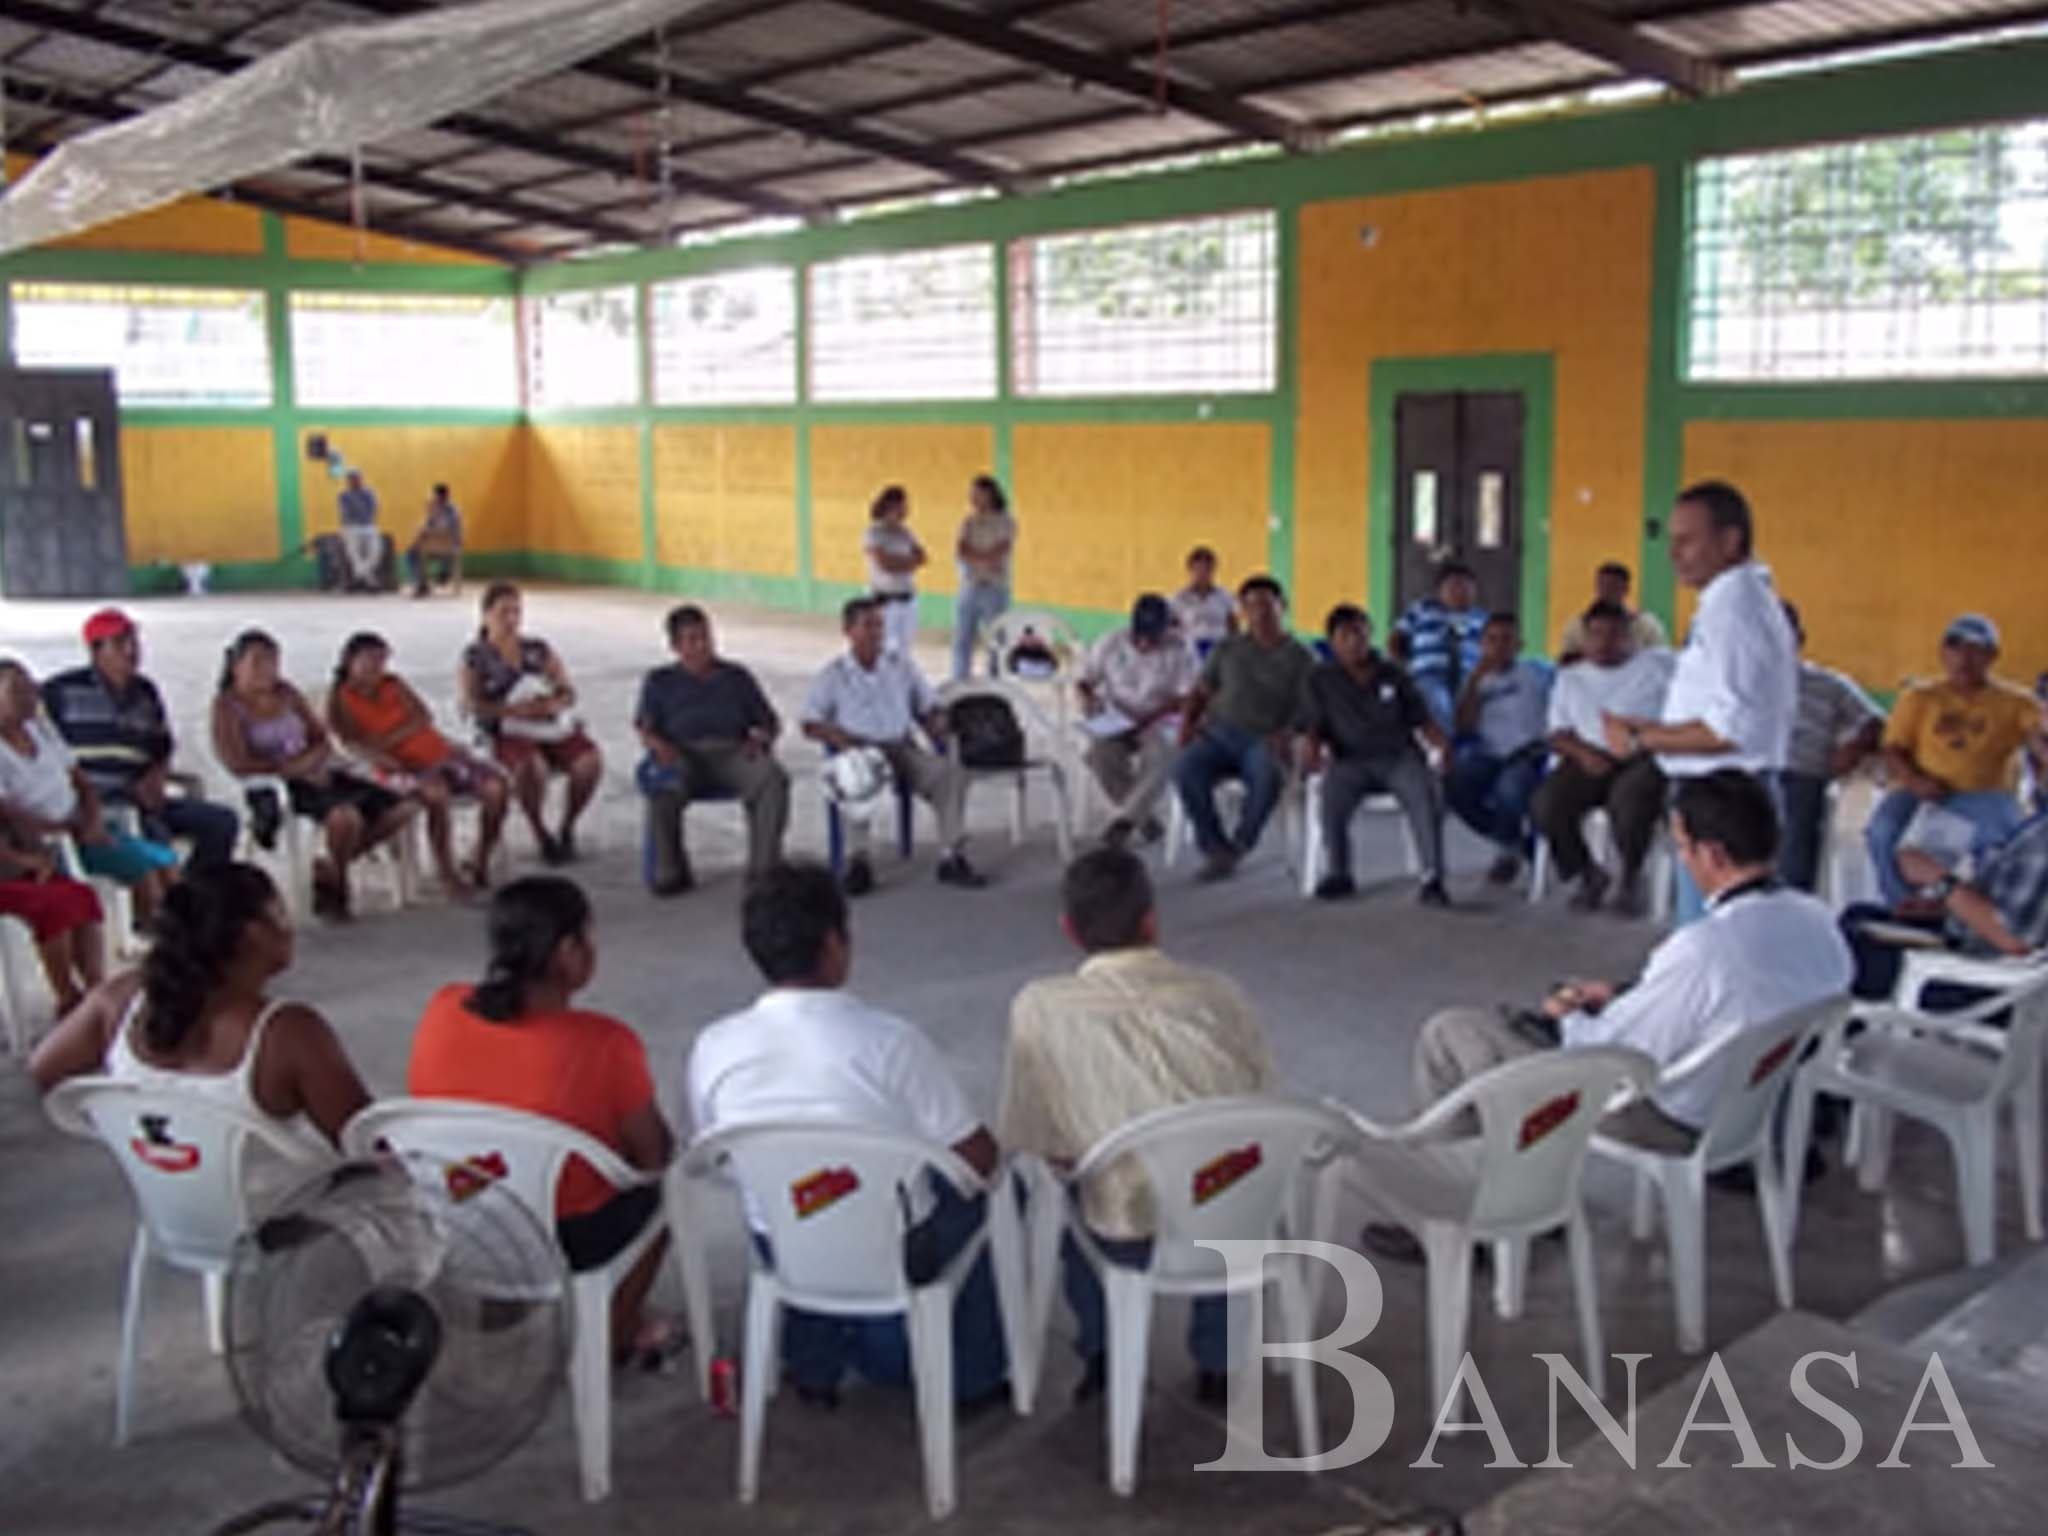 BANASA JUNTO A LÍDERES COMUNITARIOS DEL TRIFINIO SUROESTE DE GUATEMALA, RECIBE VISITA DEL SECRETARIO EJECUTIVO DE LA CONRED